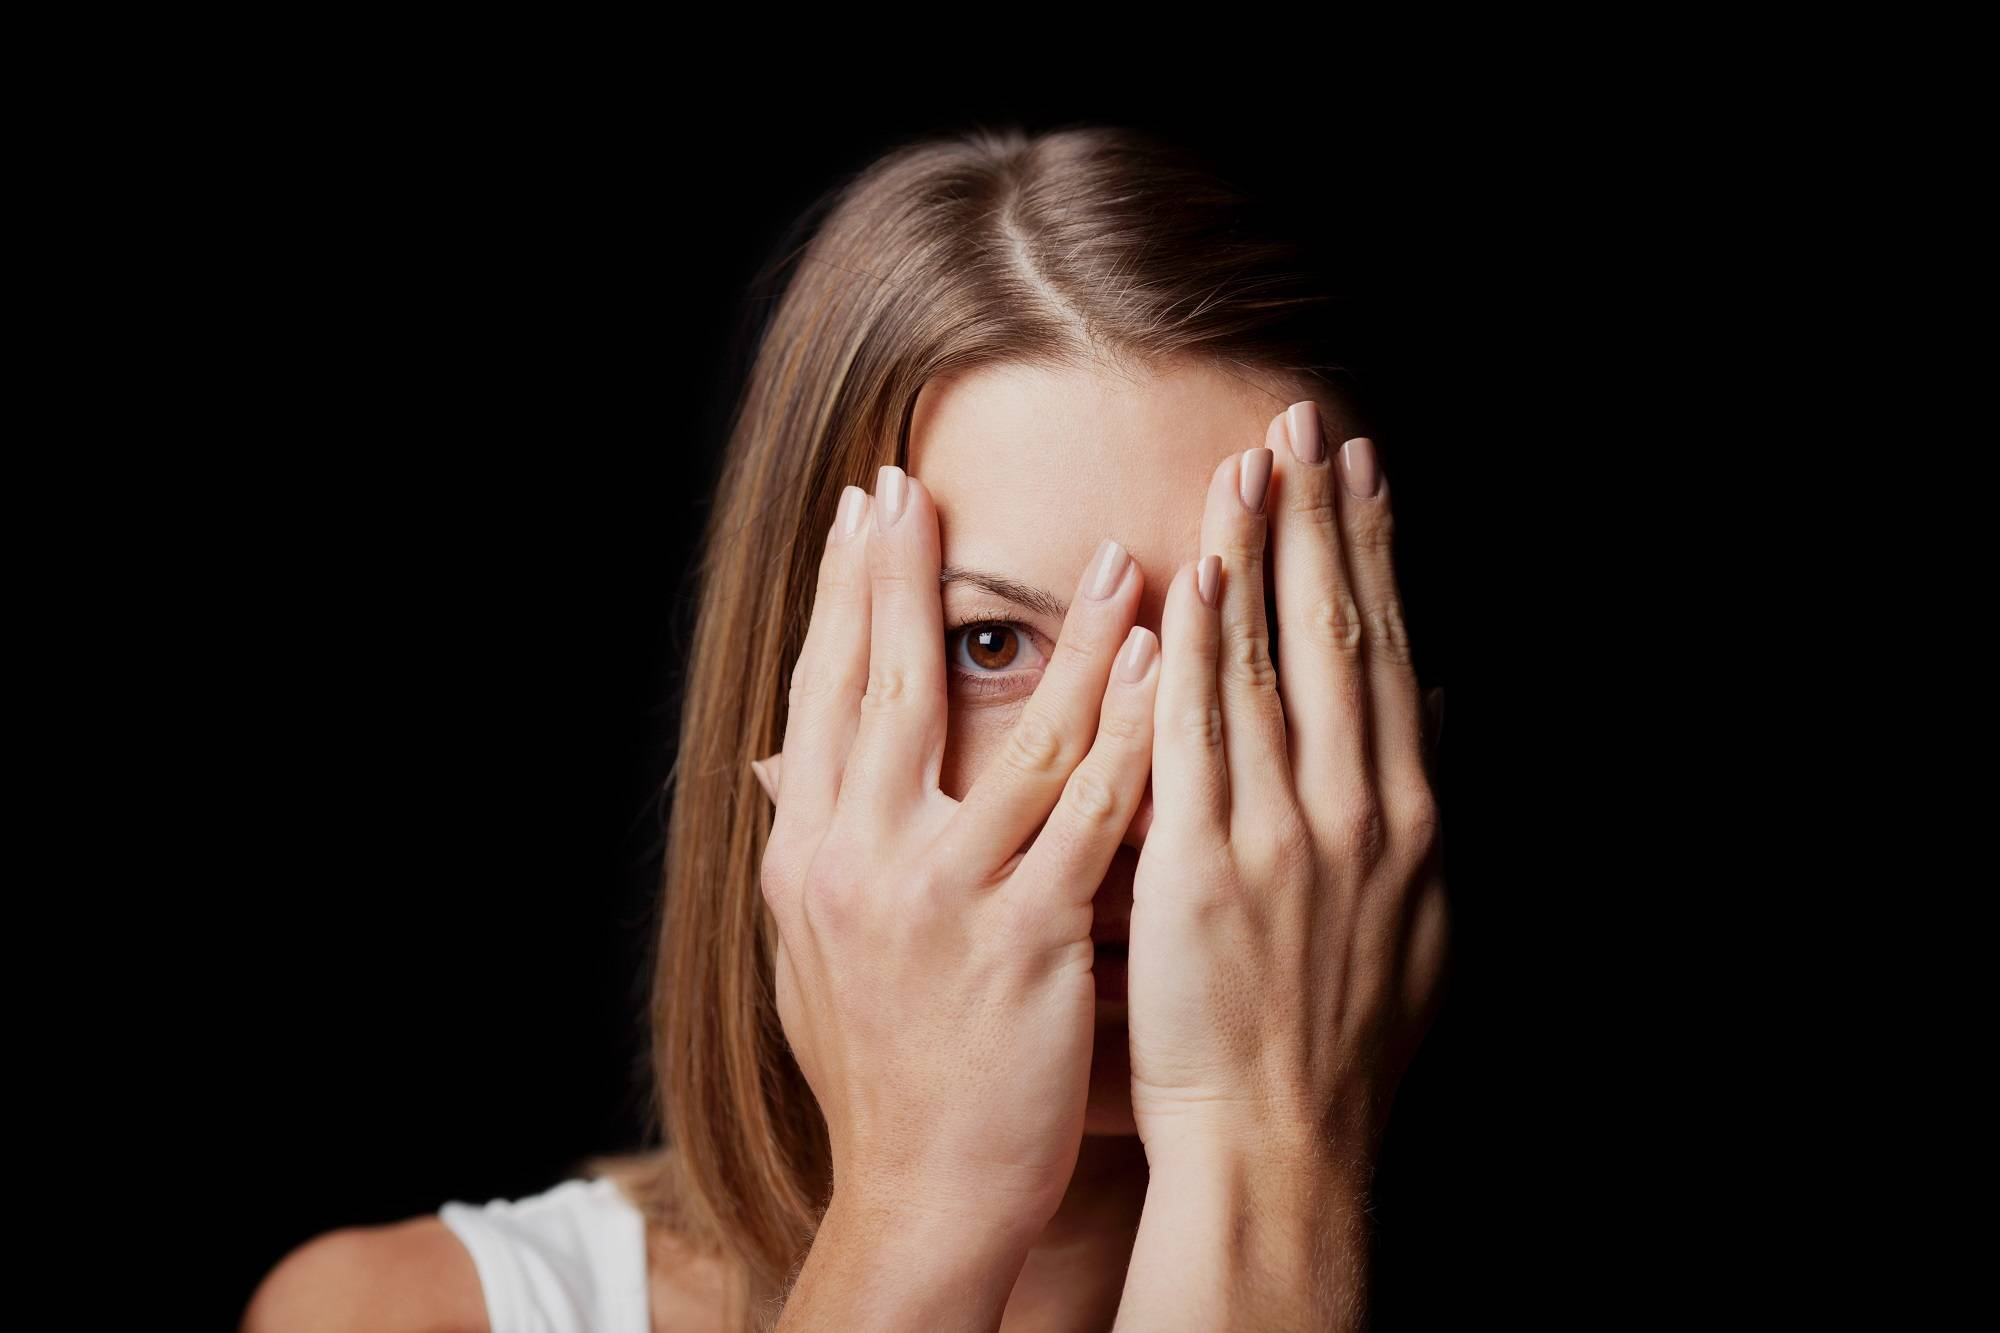 О каких заболеваниях говорит светобоязнь глаз: симптомы, причины и эффективное лечение